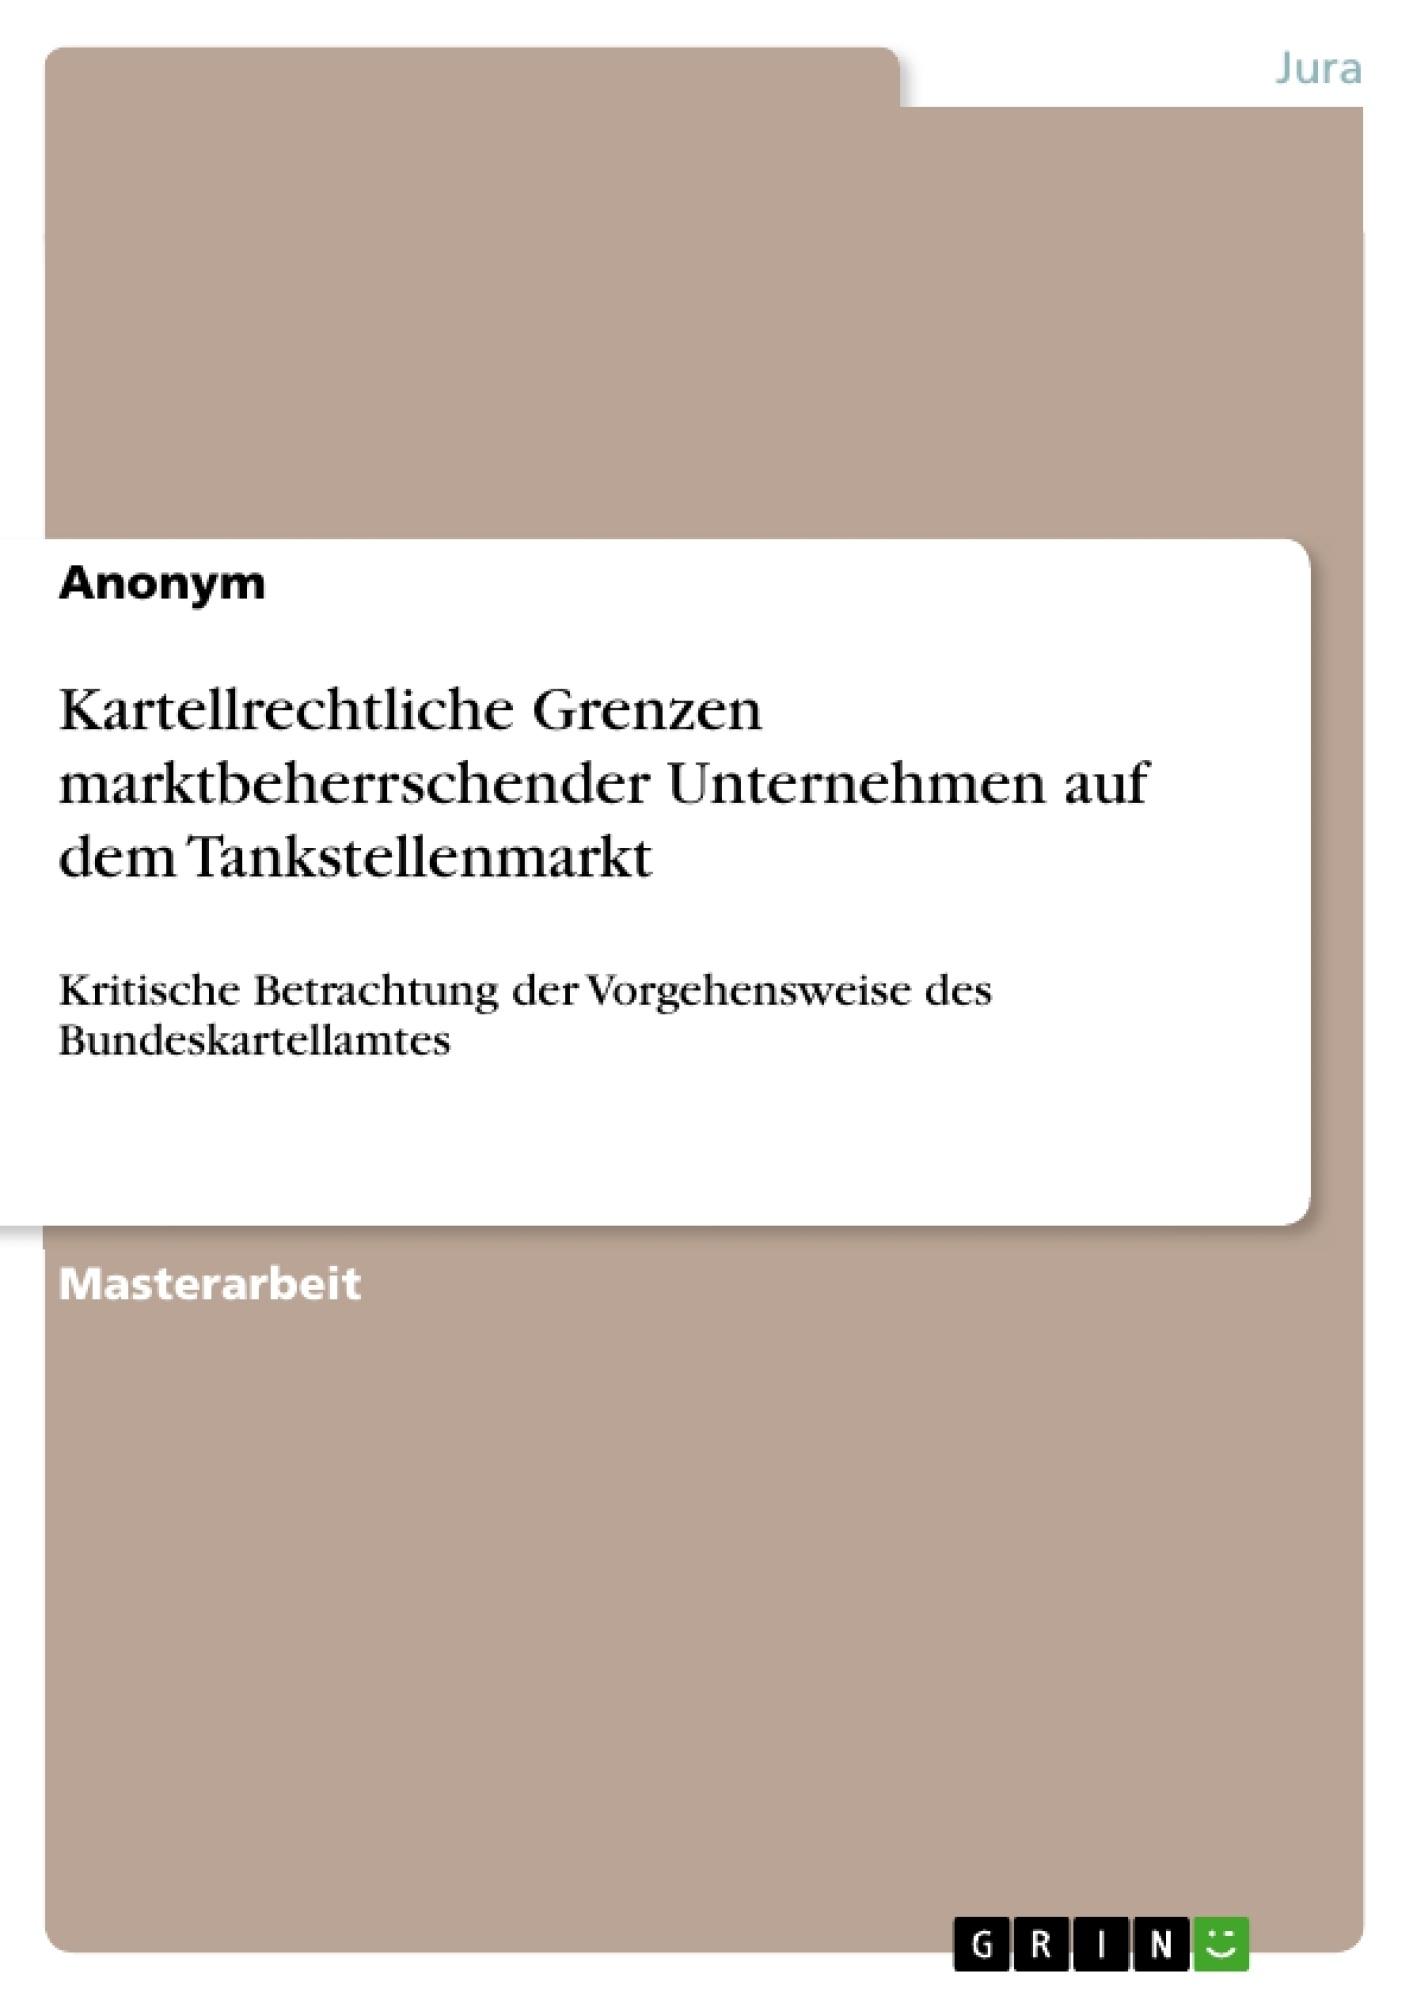 Titel: Kartellrechtliche Grenzen marktbeherrschender Unternehmen auf dem Tankstellenmarkt